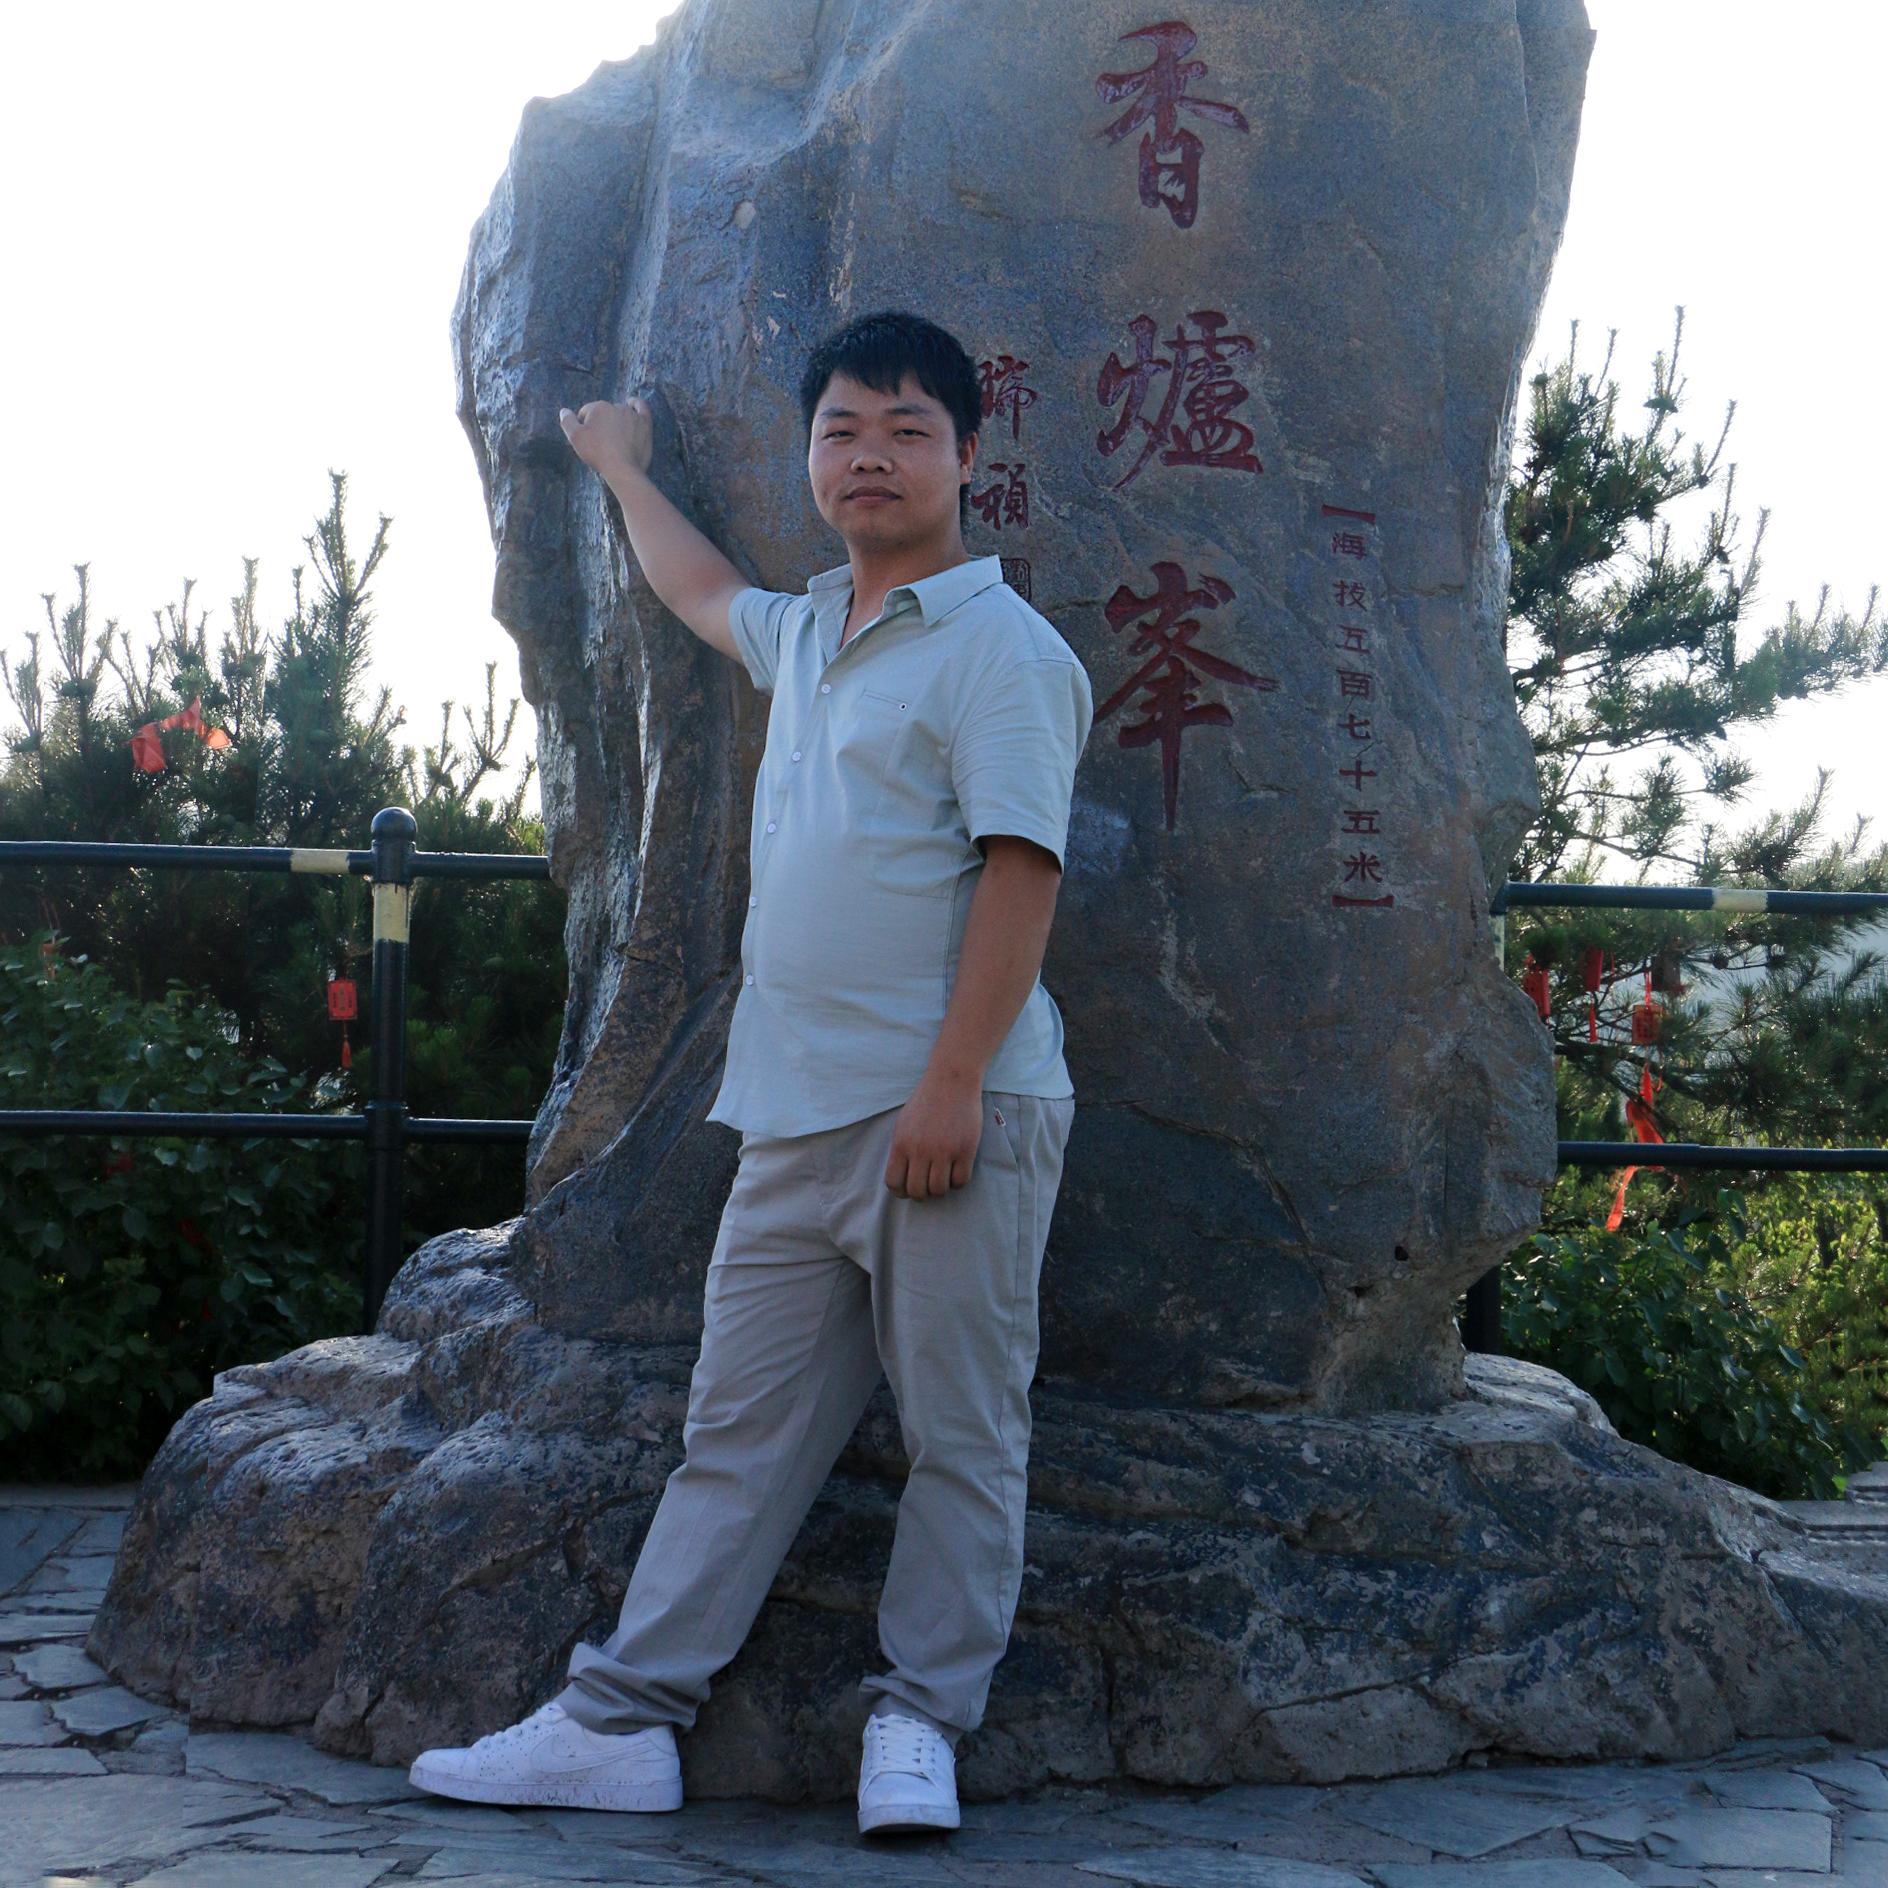 杨泽业2017年6月3日北京香山公园香炉峰留念照